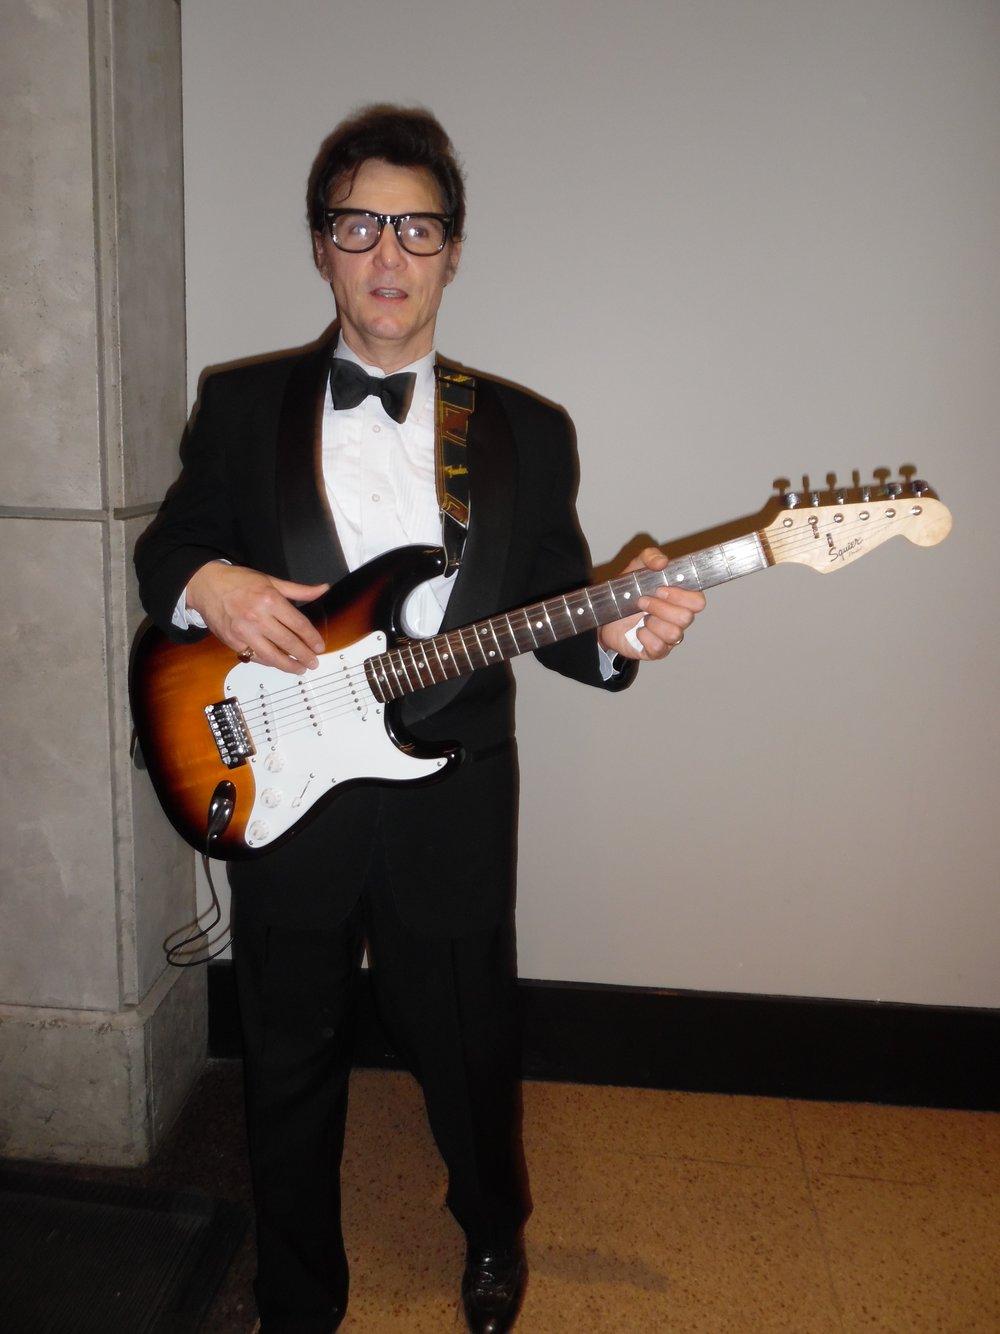 ETA  James Begley  as Buddy Holly at Casino Niagara,.